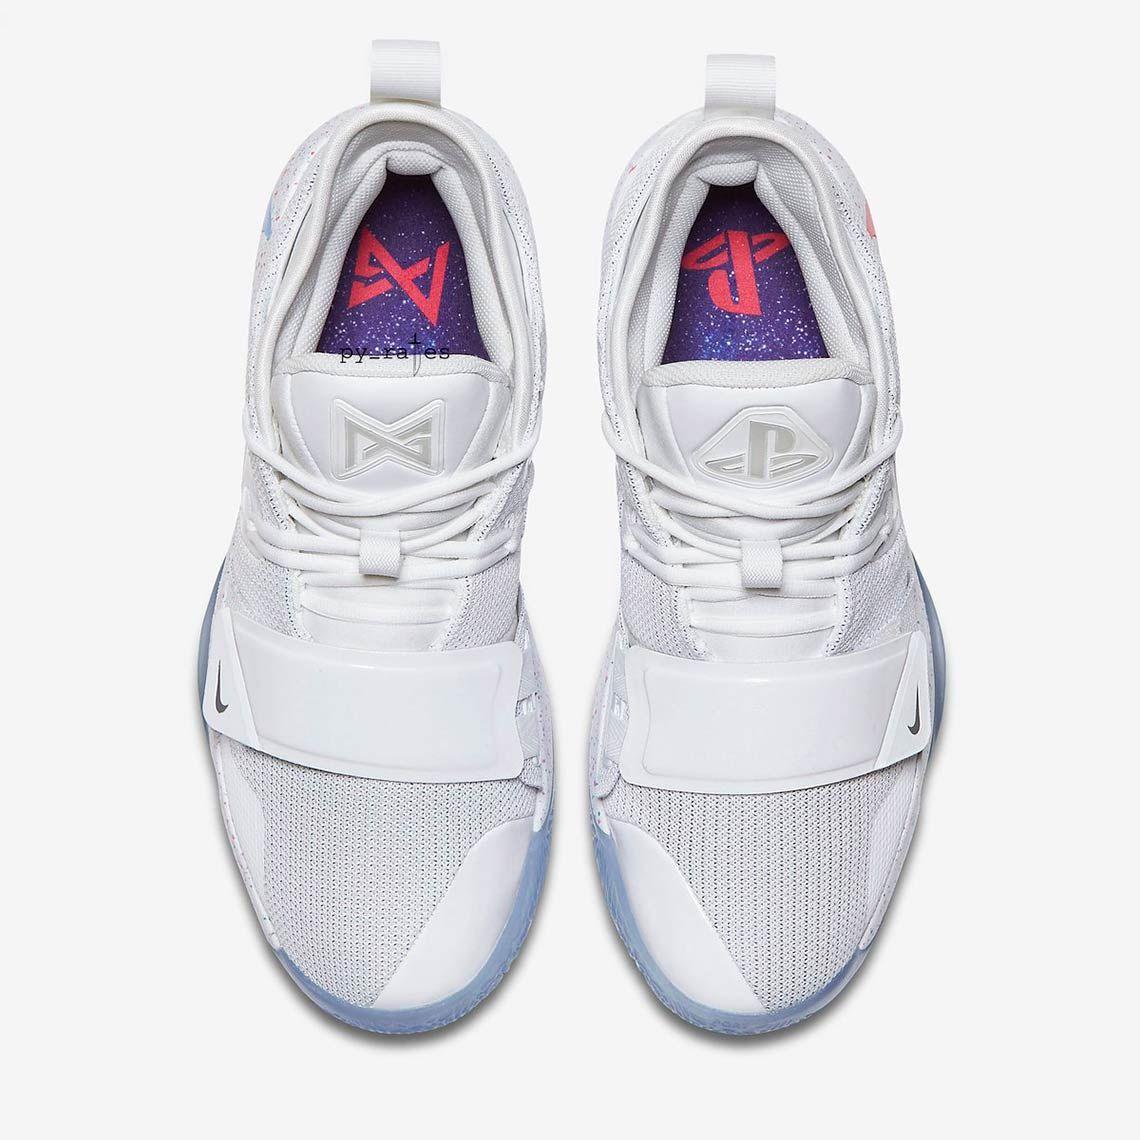 Pin de Reynaldo D oleo em Tenis em 2019 | Sapatos nike